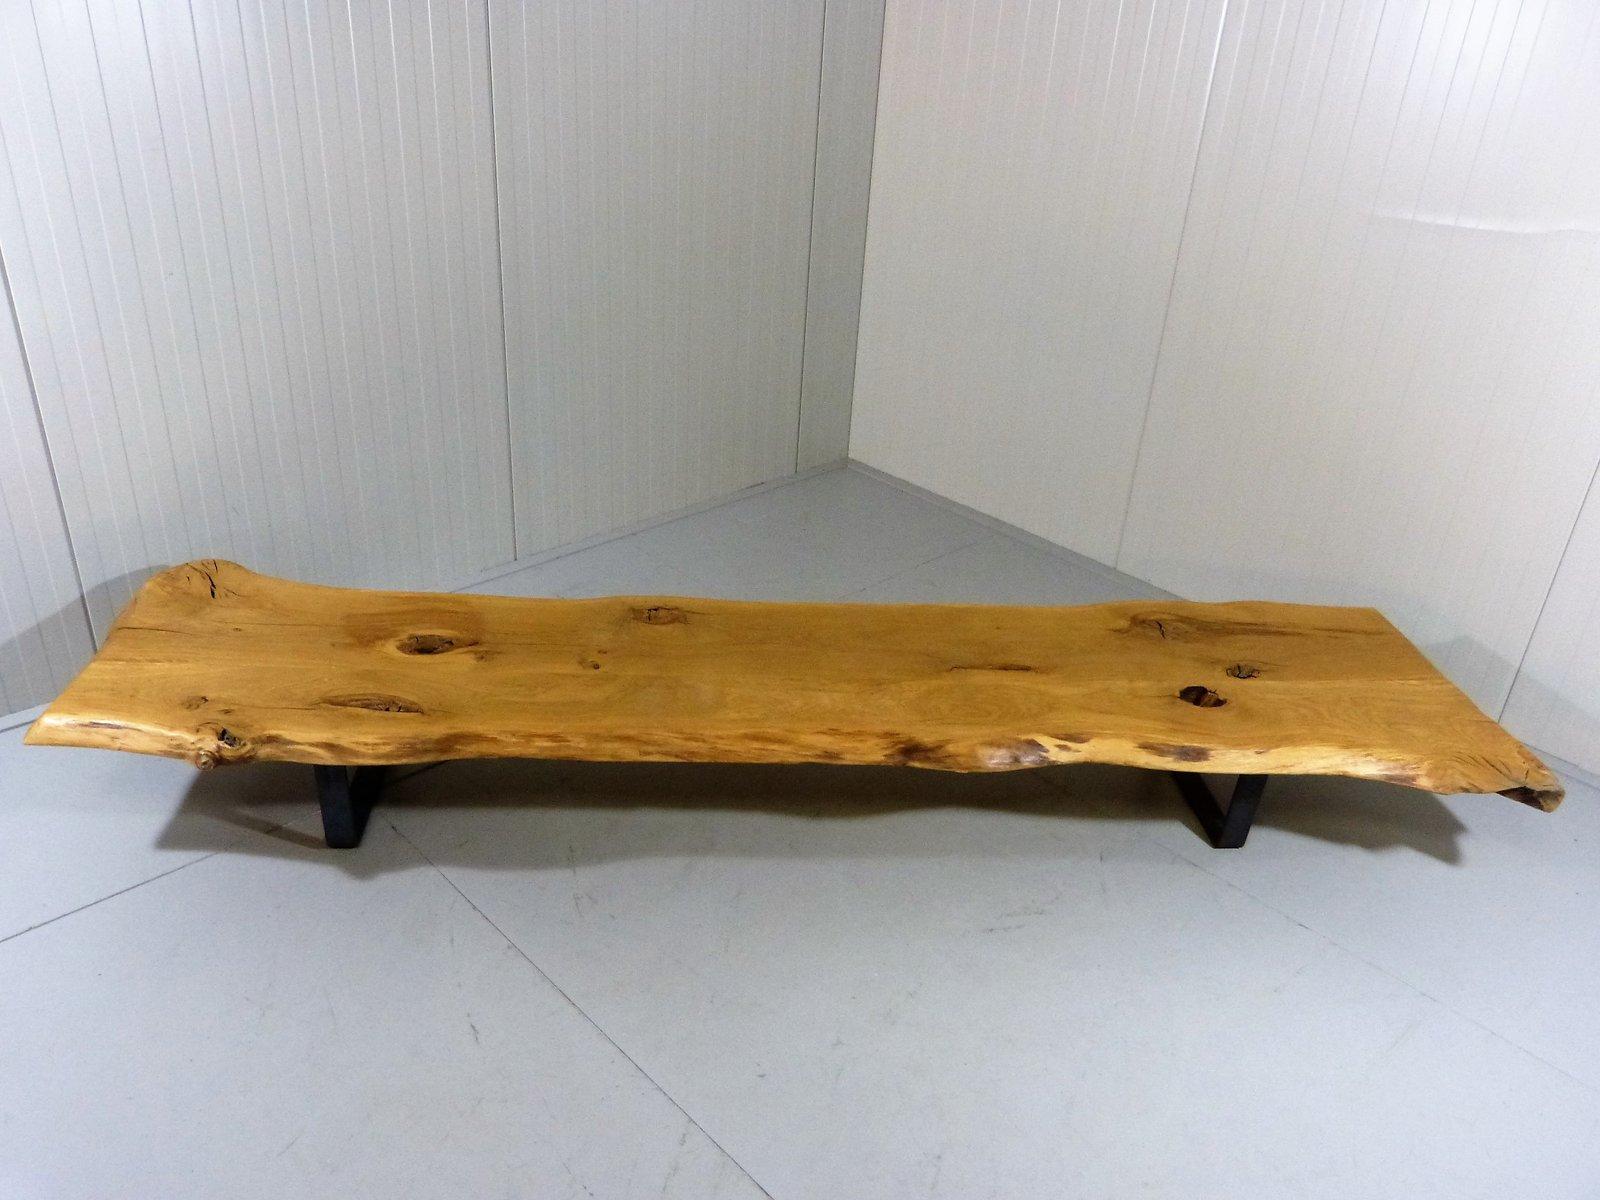 table basse large tronc d 39 arbre en vente sur pamono. Black Bedroom Furniture Sets. Home Design Ideas